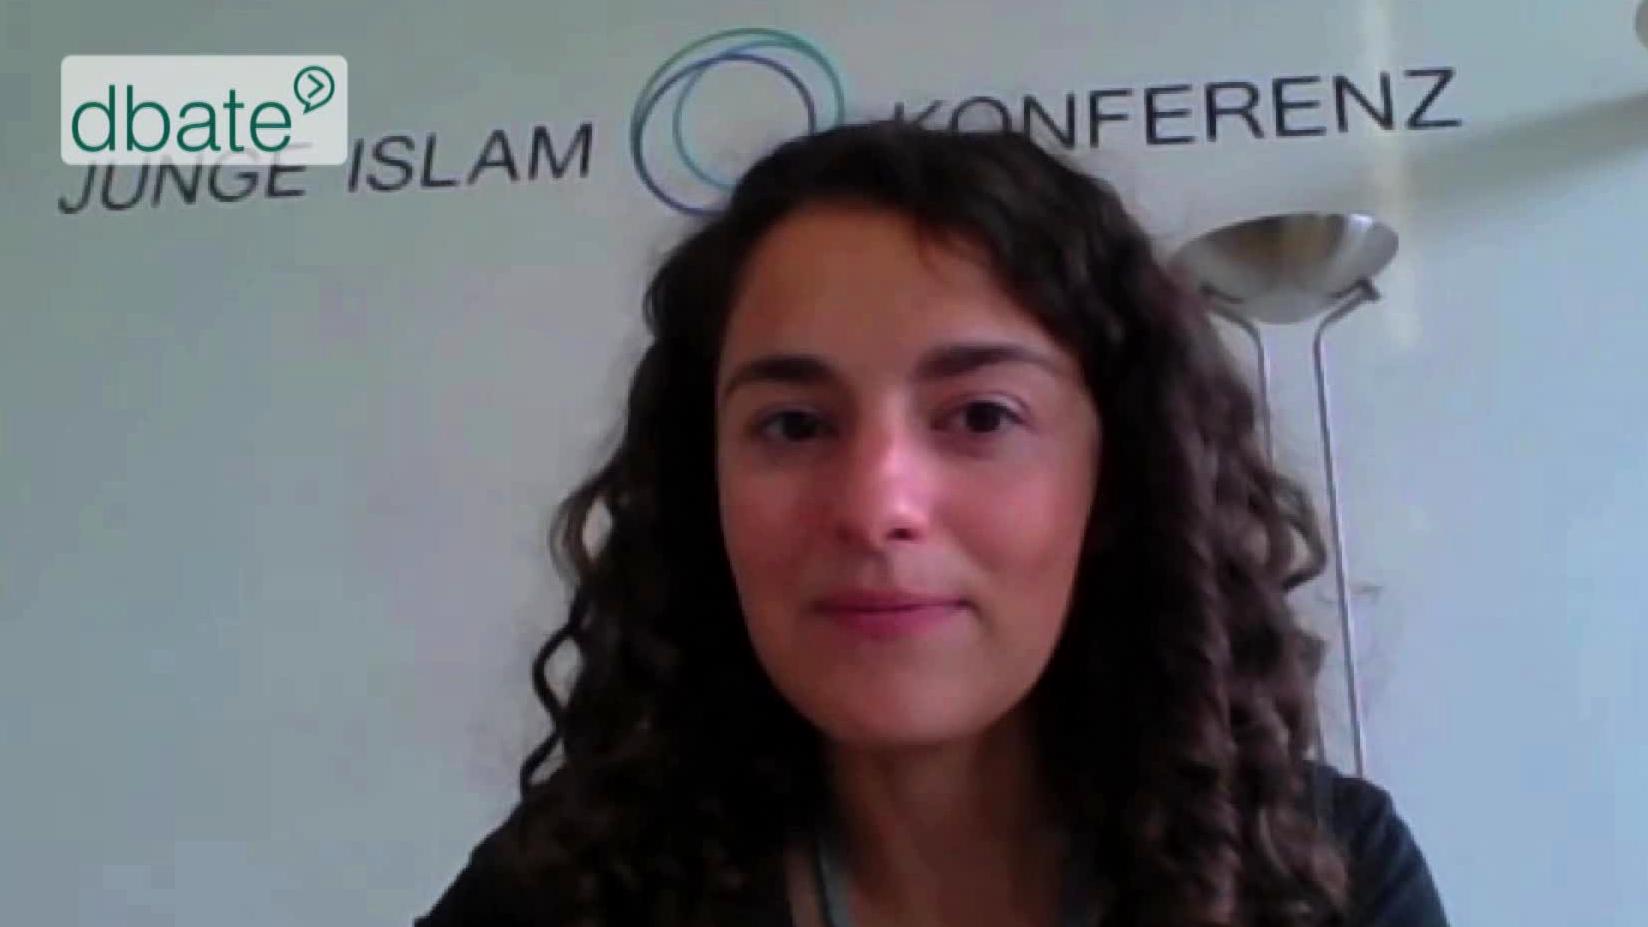 Screenshot_dbate_Esra Kurcuk_Junge Islam Konferenz_2014_1